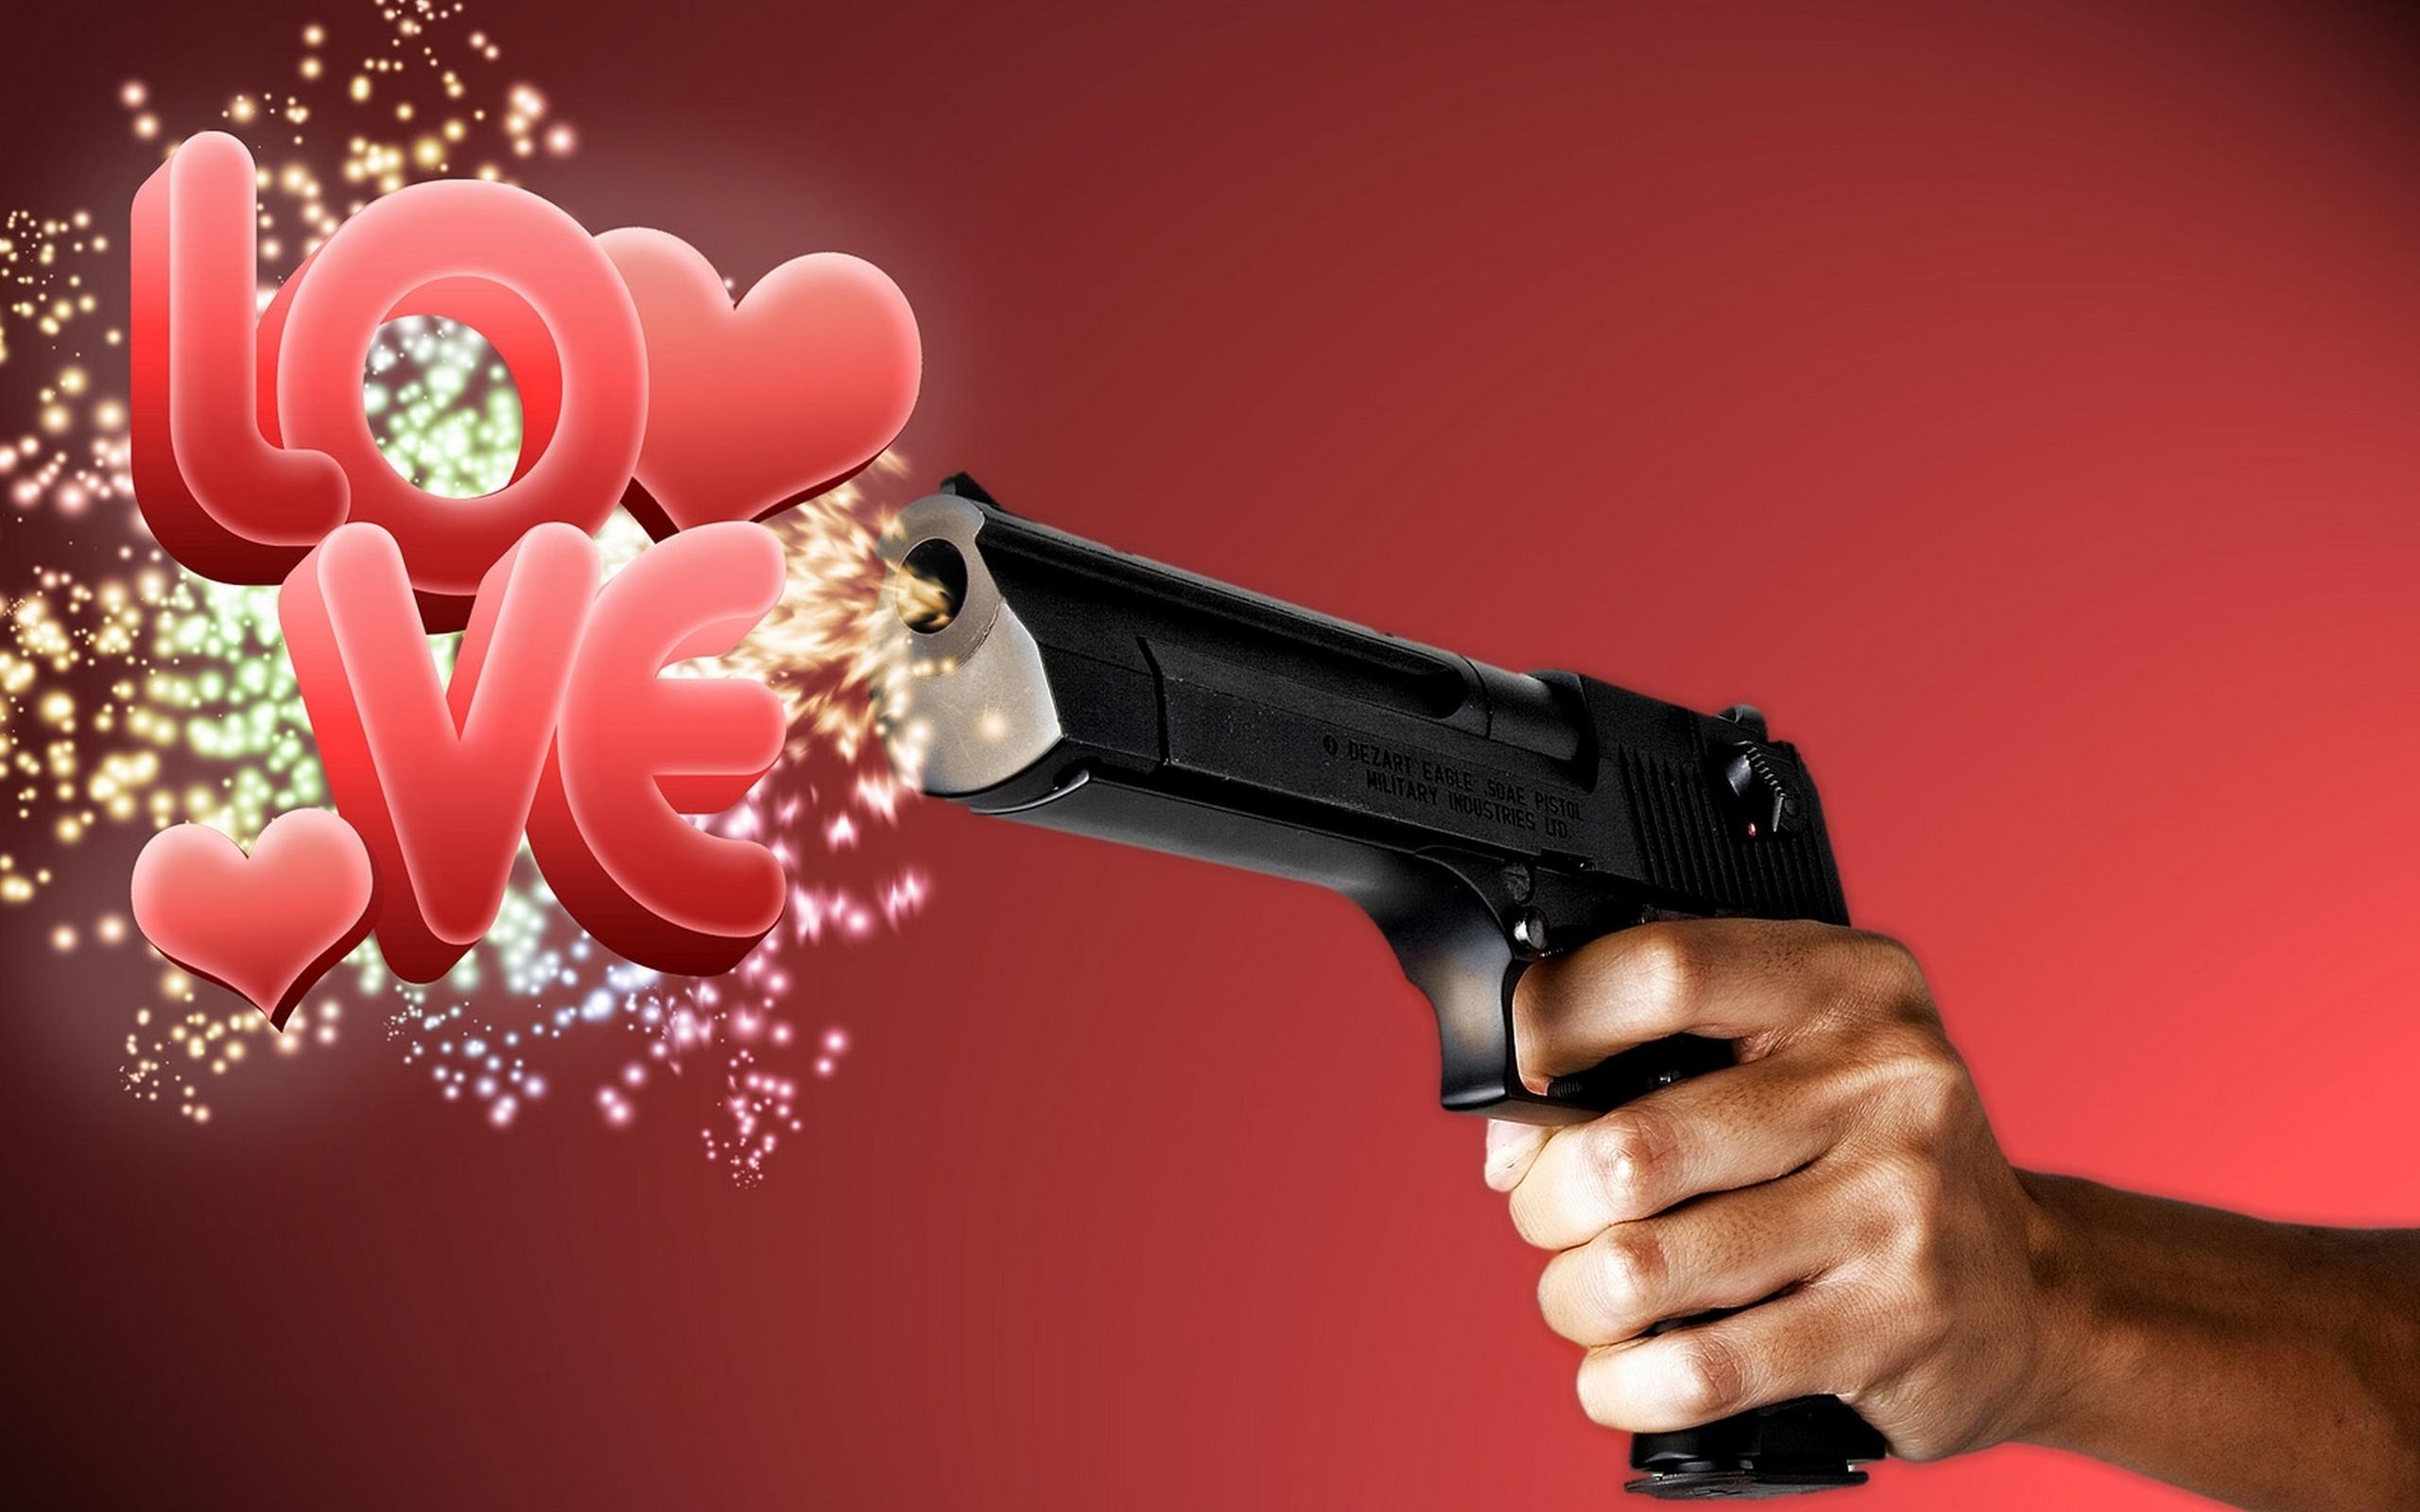 Картинки с пистолетом прикольные